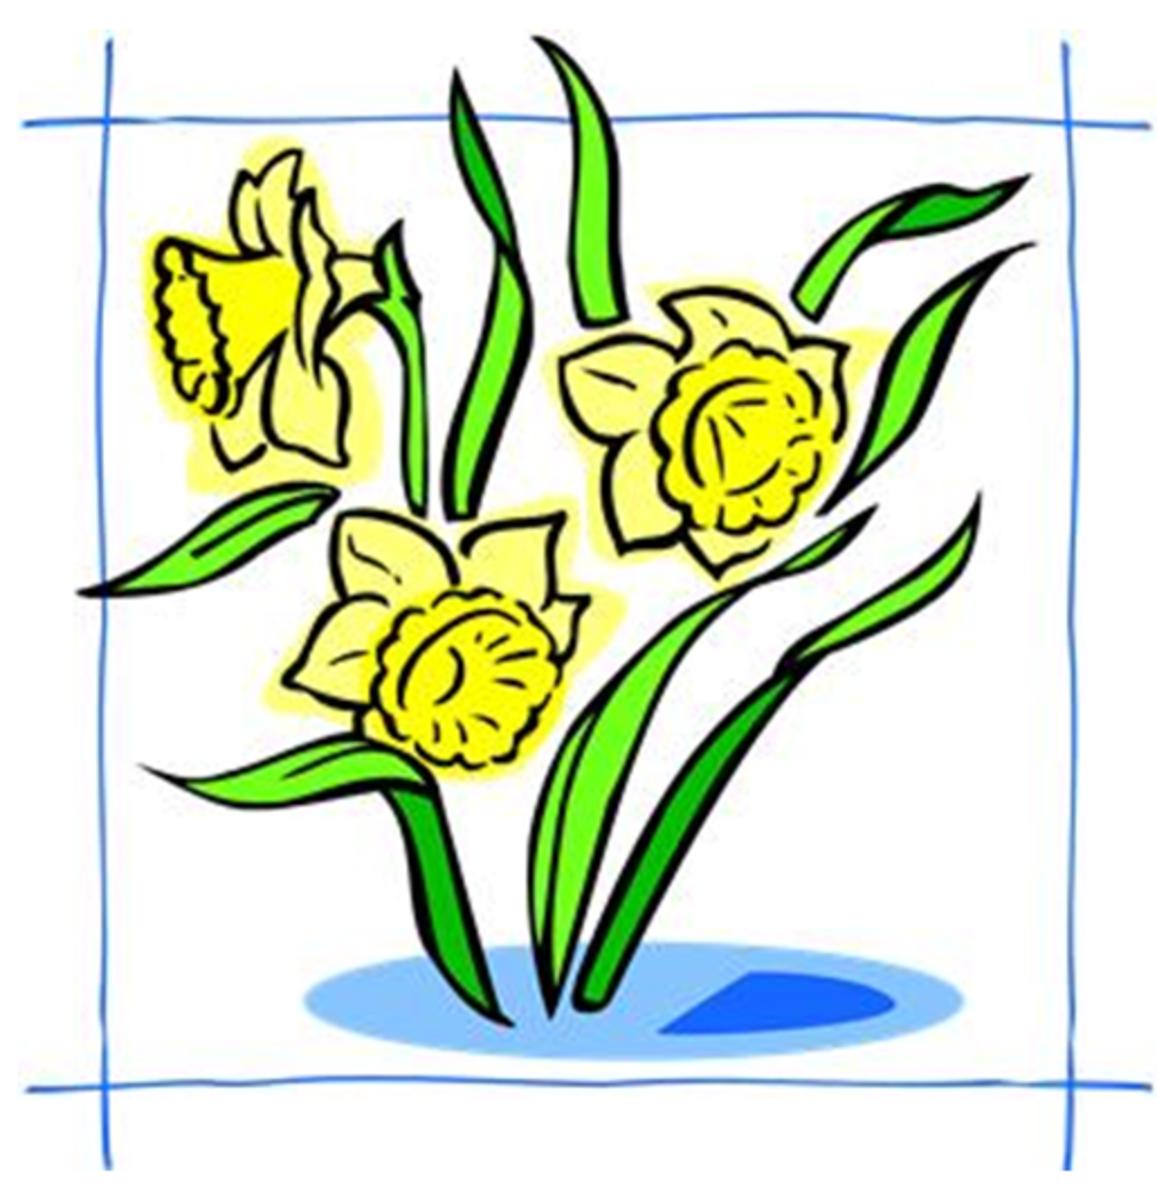 Three Daffodils in Blue Frame